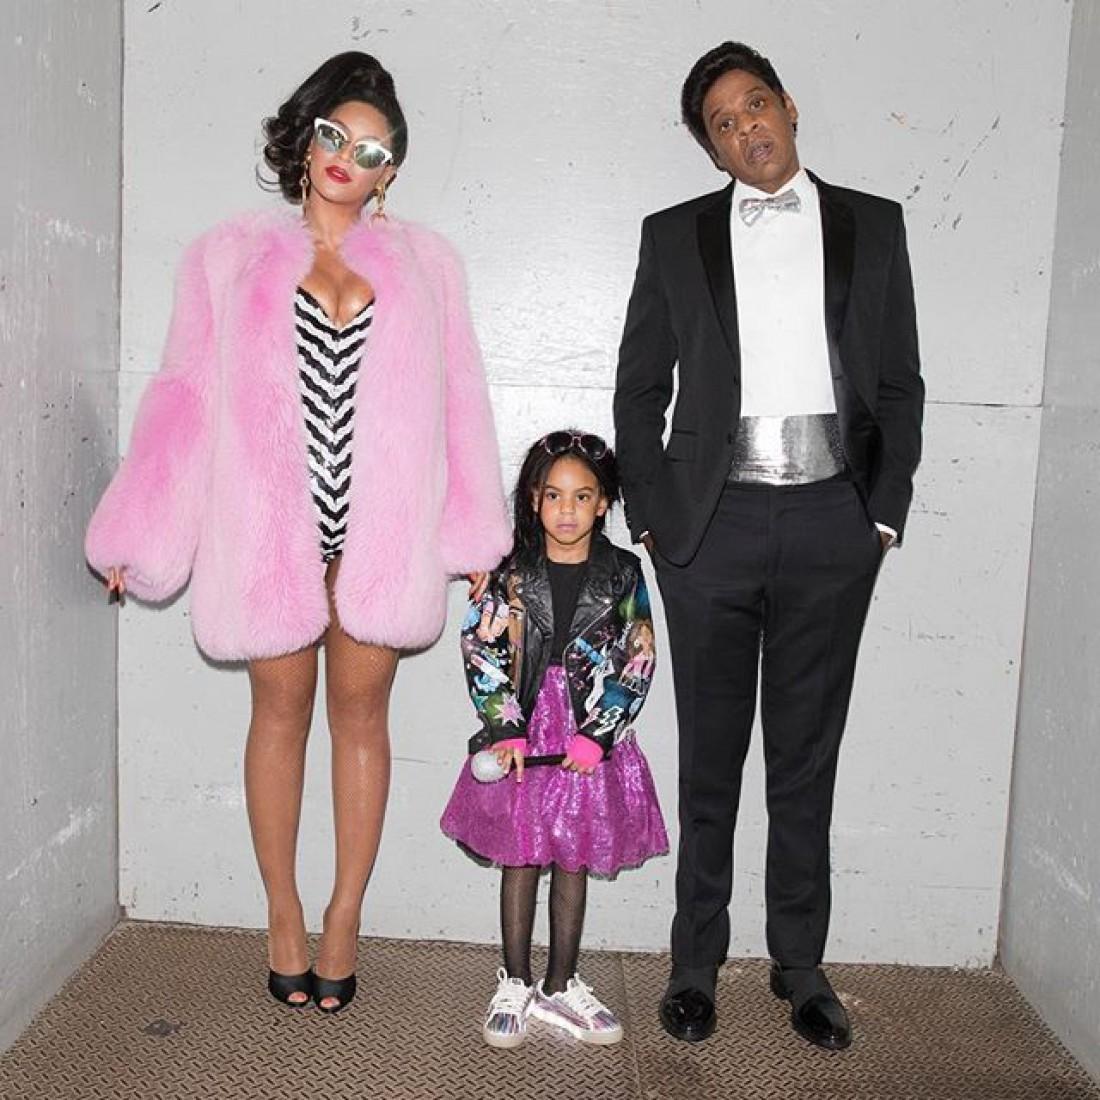 Бейонсе с мужем и дочкой